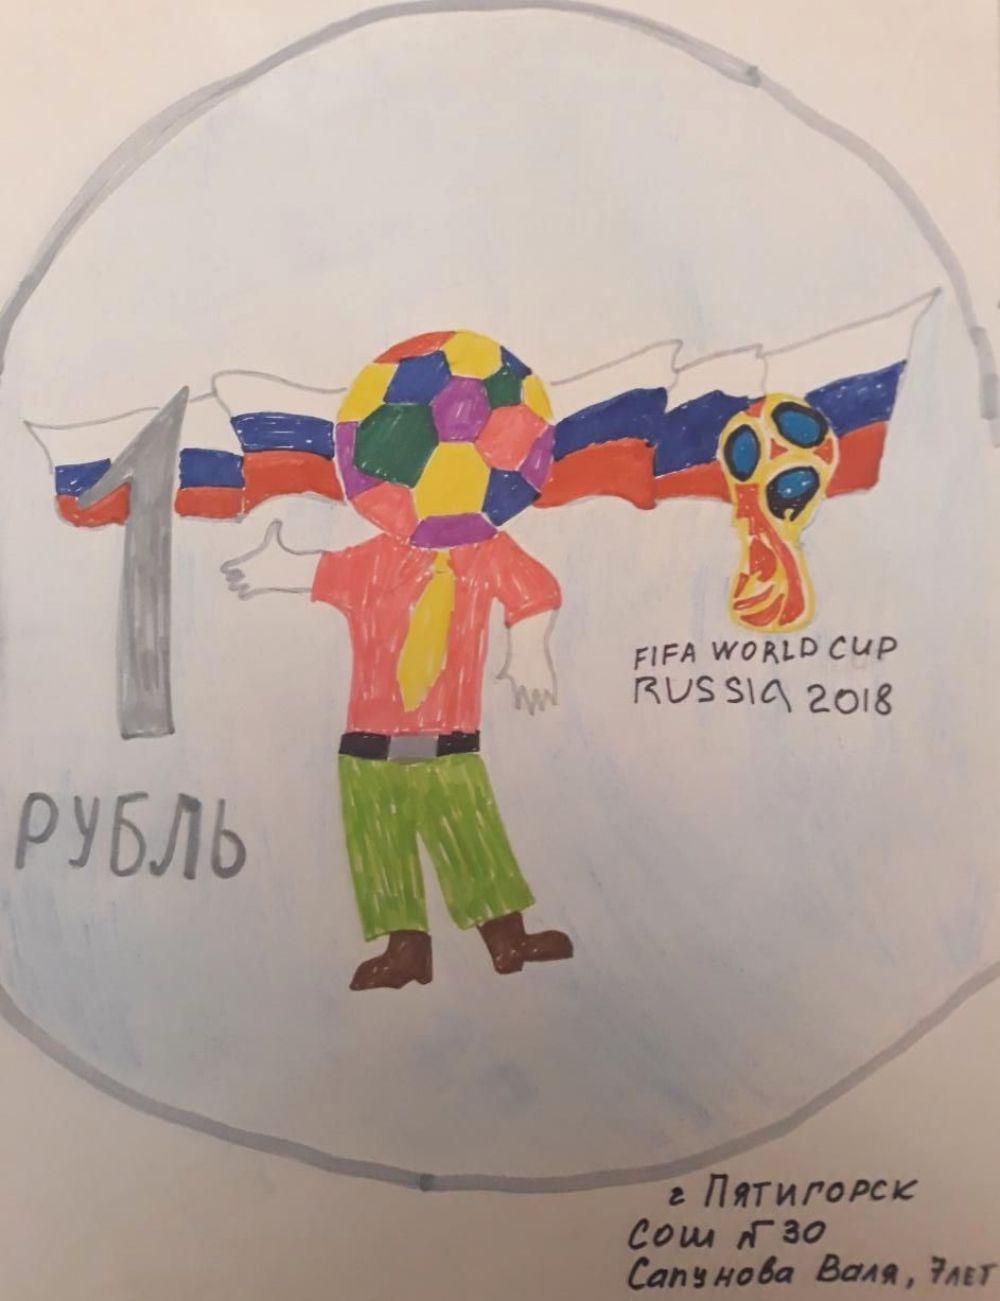 Сапунова Валя, 7 лет, Пятигорск